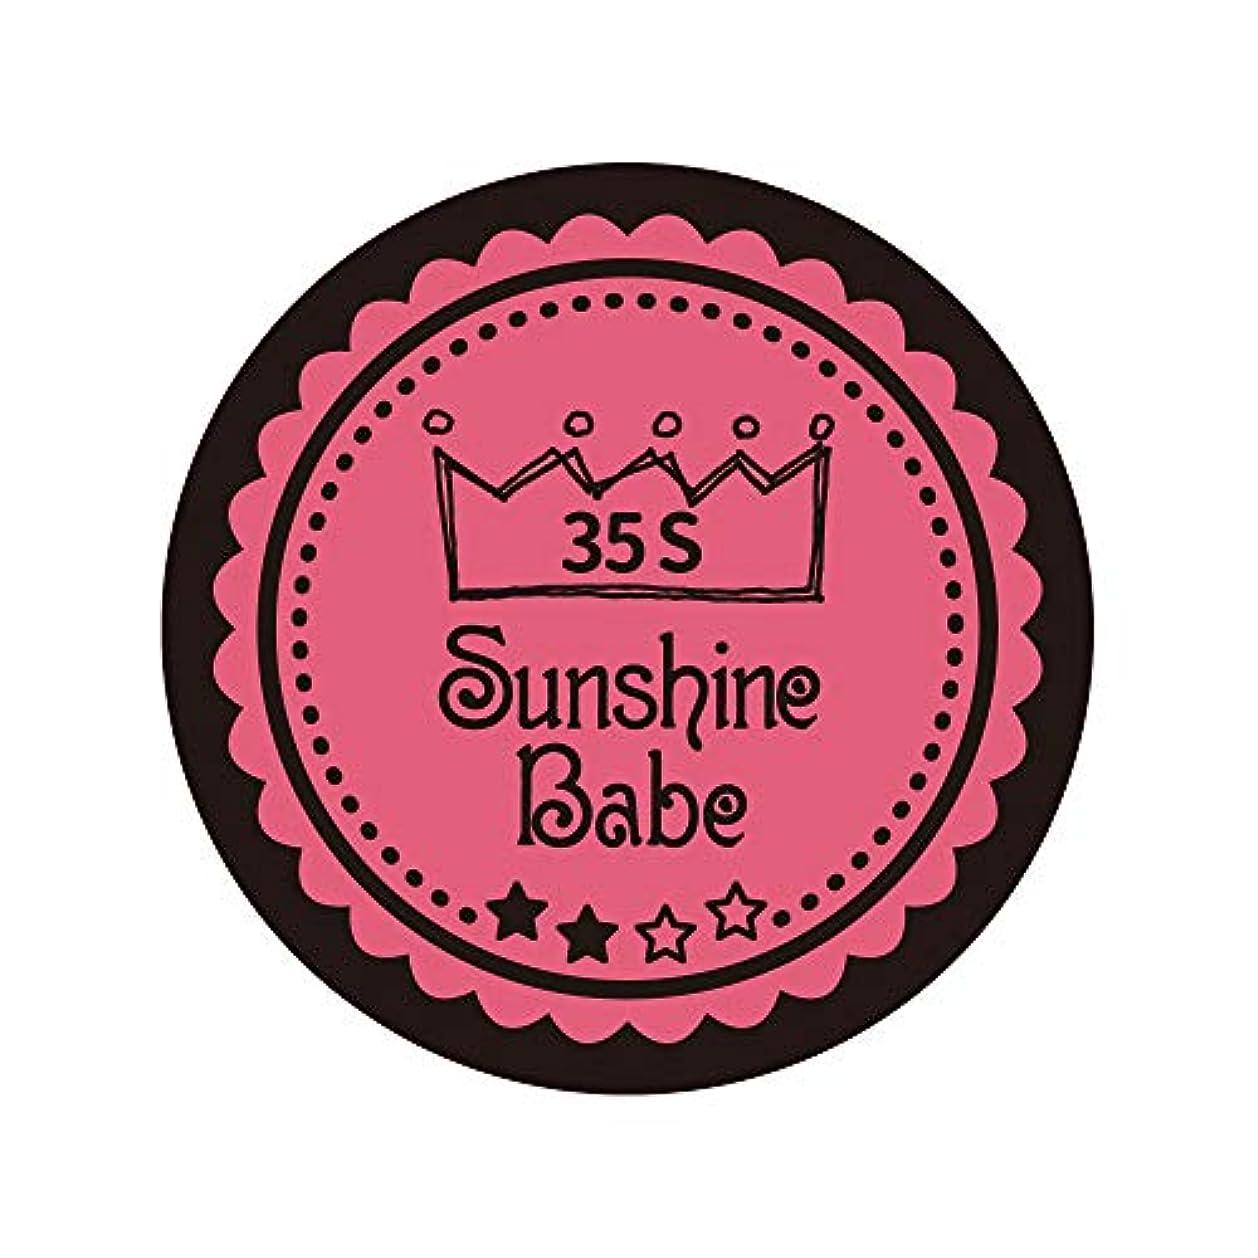 浴冷蔵庫旋律的Sunshine Babe カラージェル 35S ローズピンク 2.7g UV/LED対応